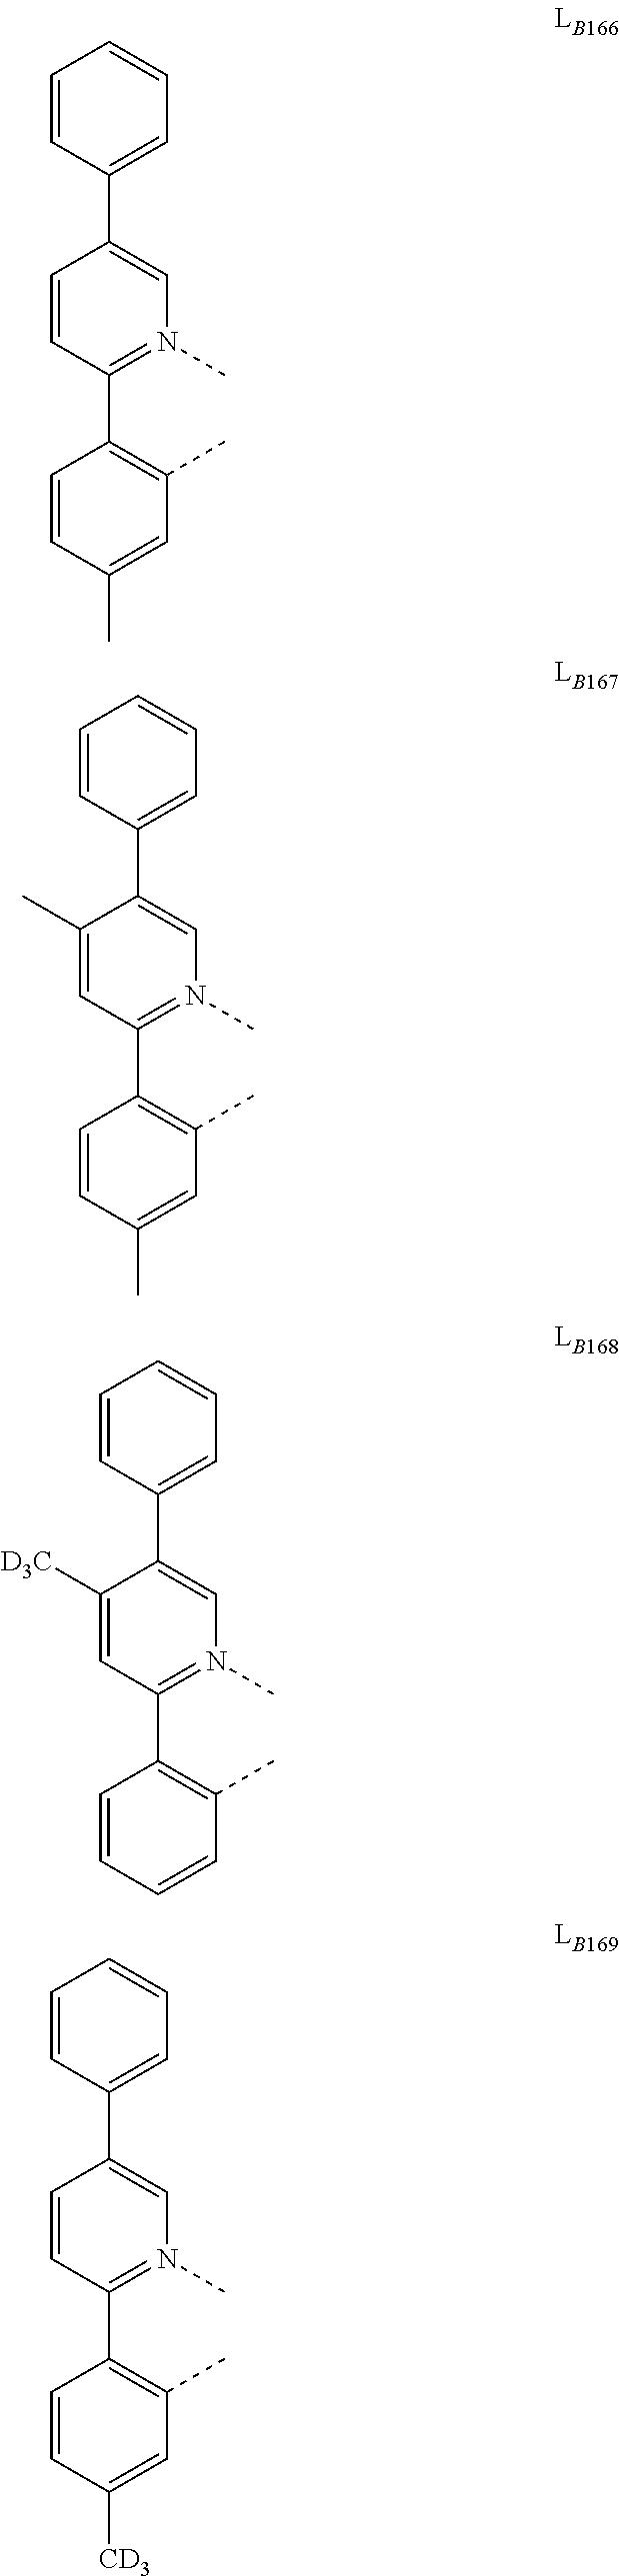 Figure US20180130962A1-20180510-C00099